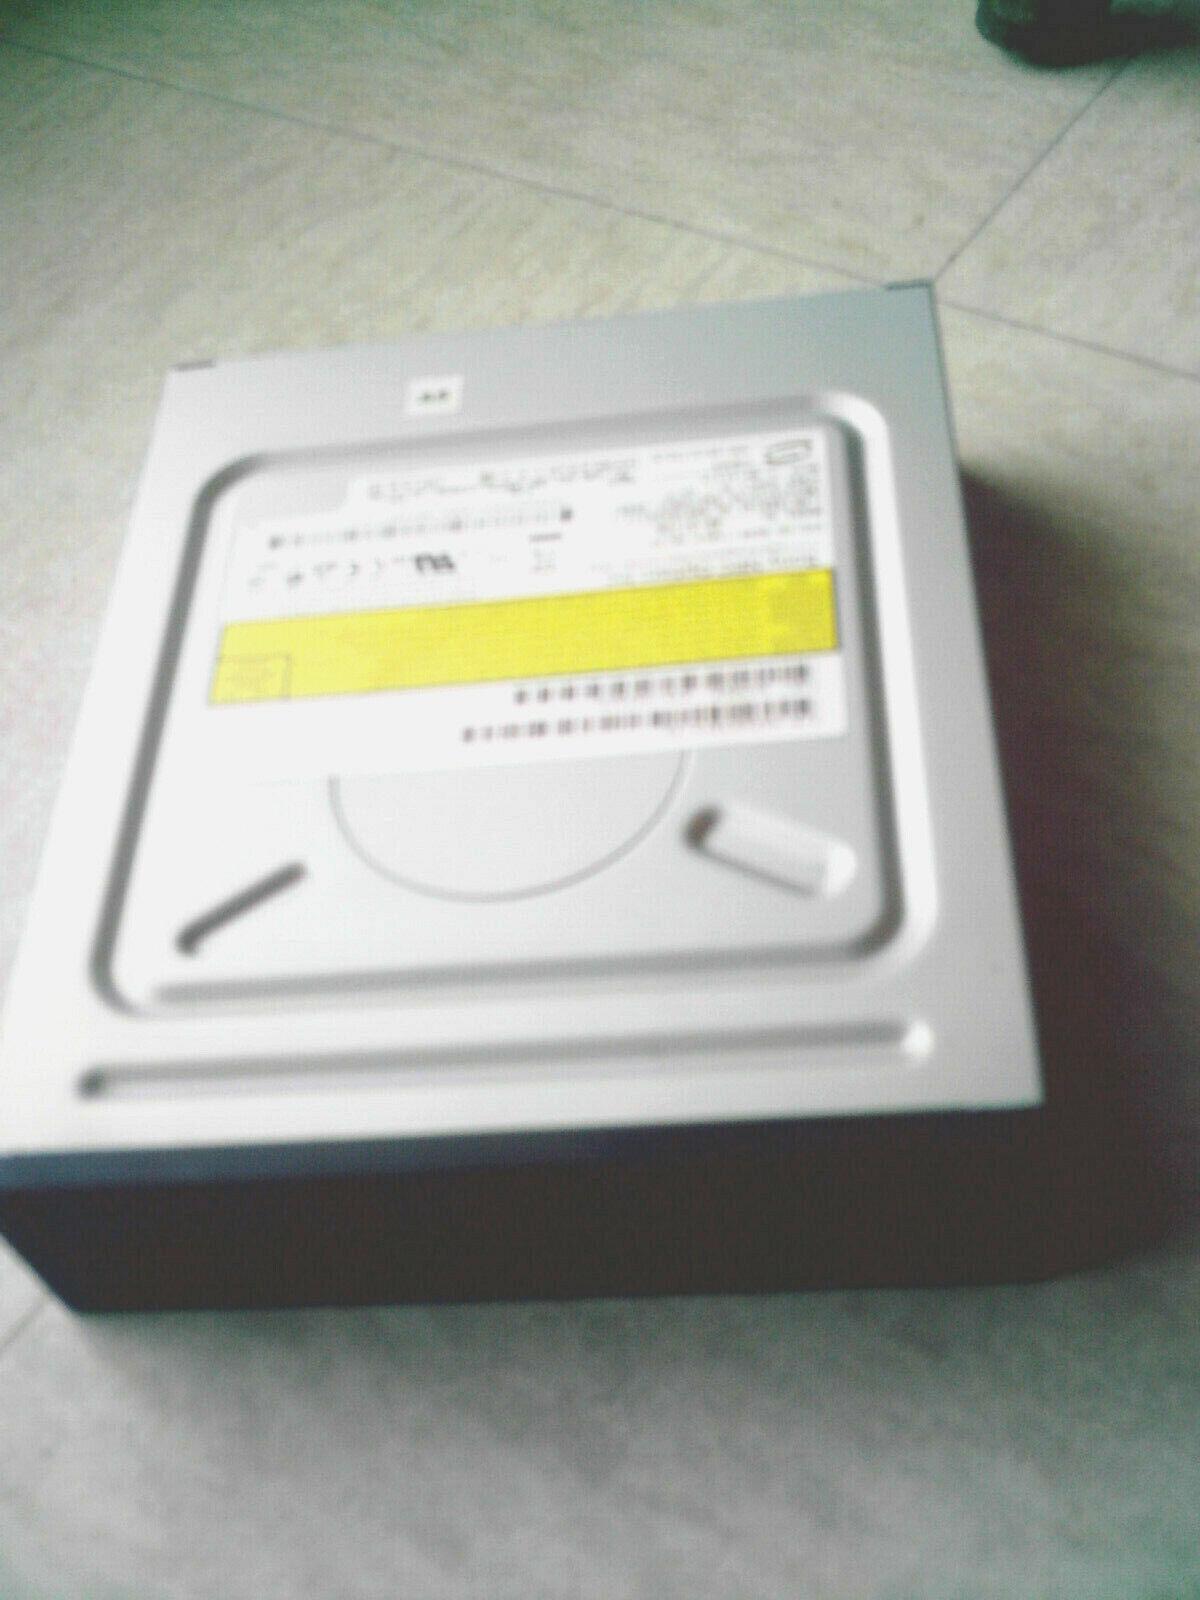 Lecteur dvd rom rw sony pour pc ordinateur  ad 5170a  ide  r dl ultra speed